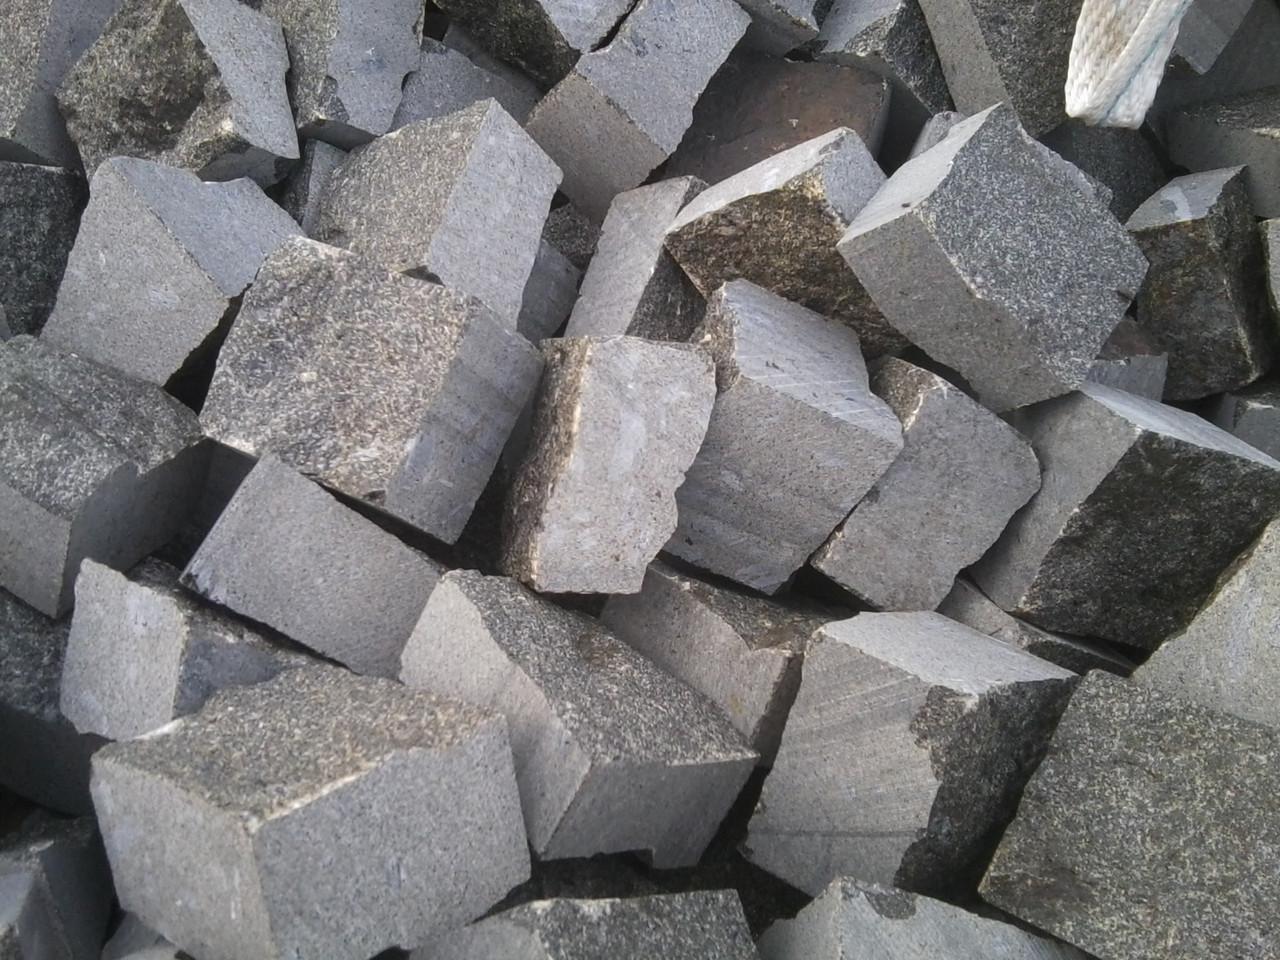 Испытания (исследование) плит и брусчатки из натурального камня для мощения улиц